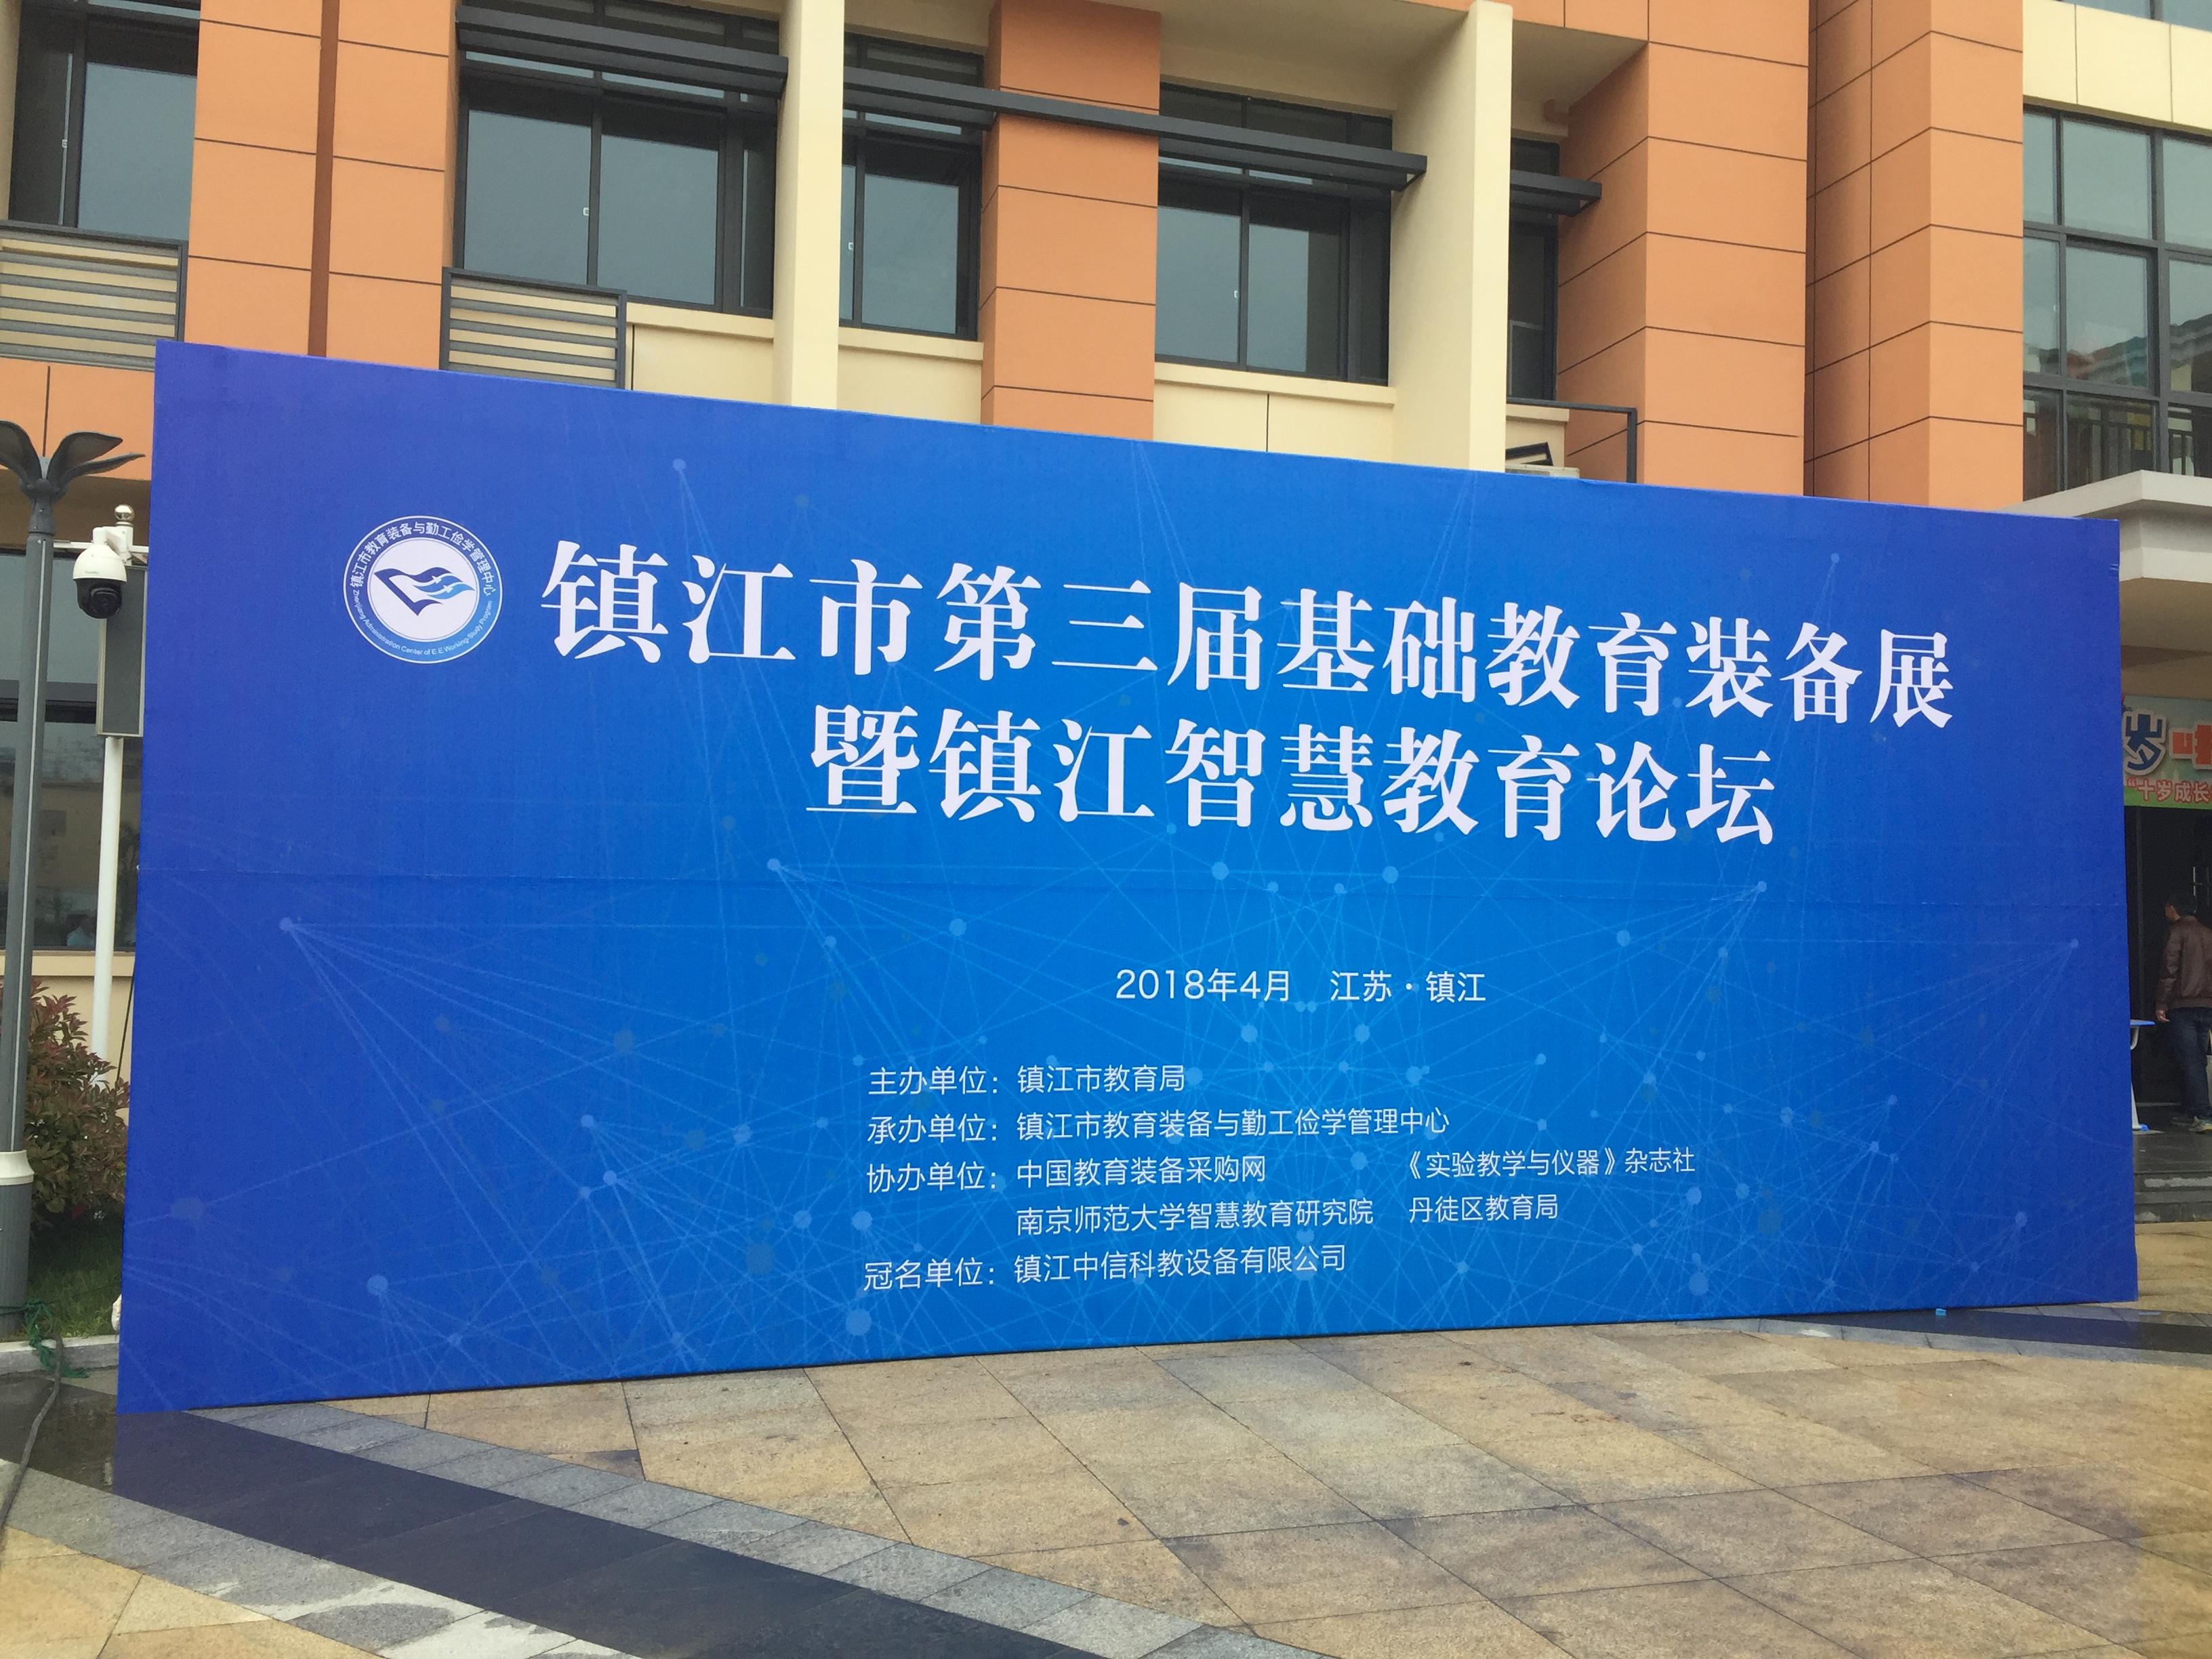 镇江第三节基础教育装备展